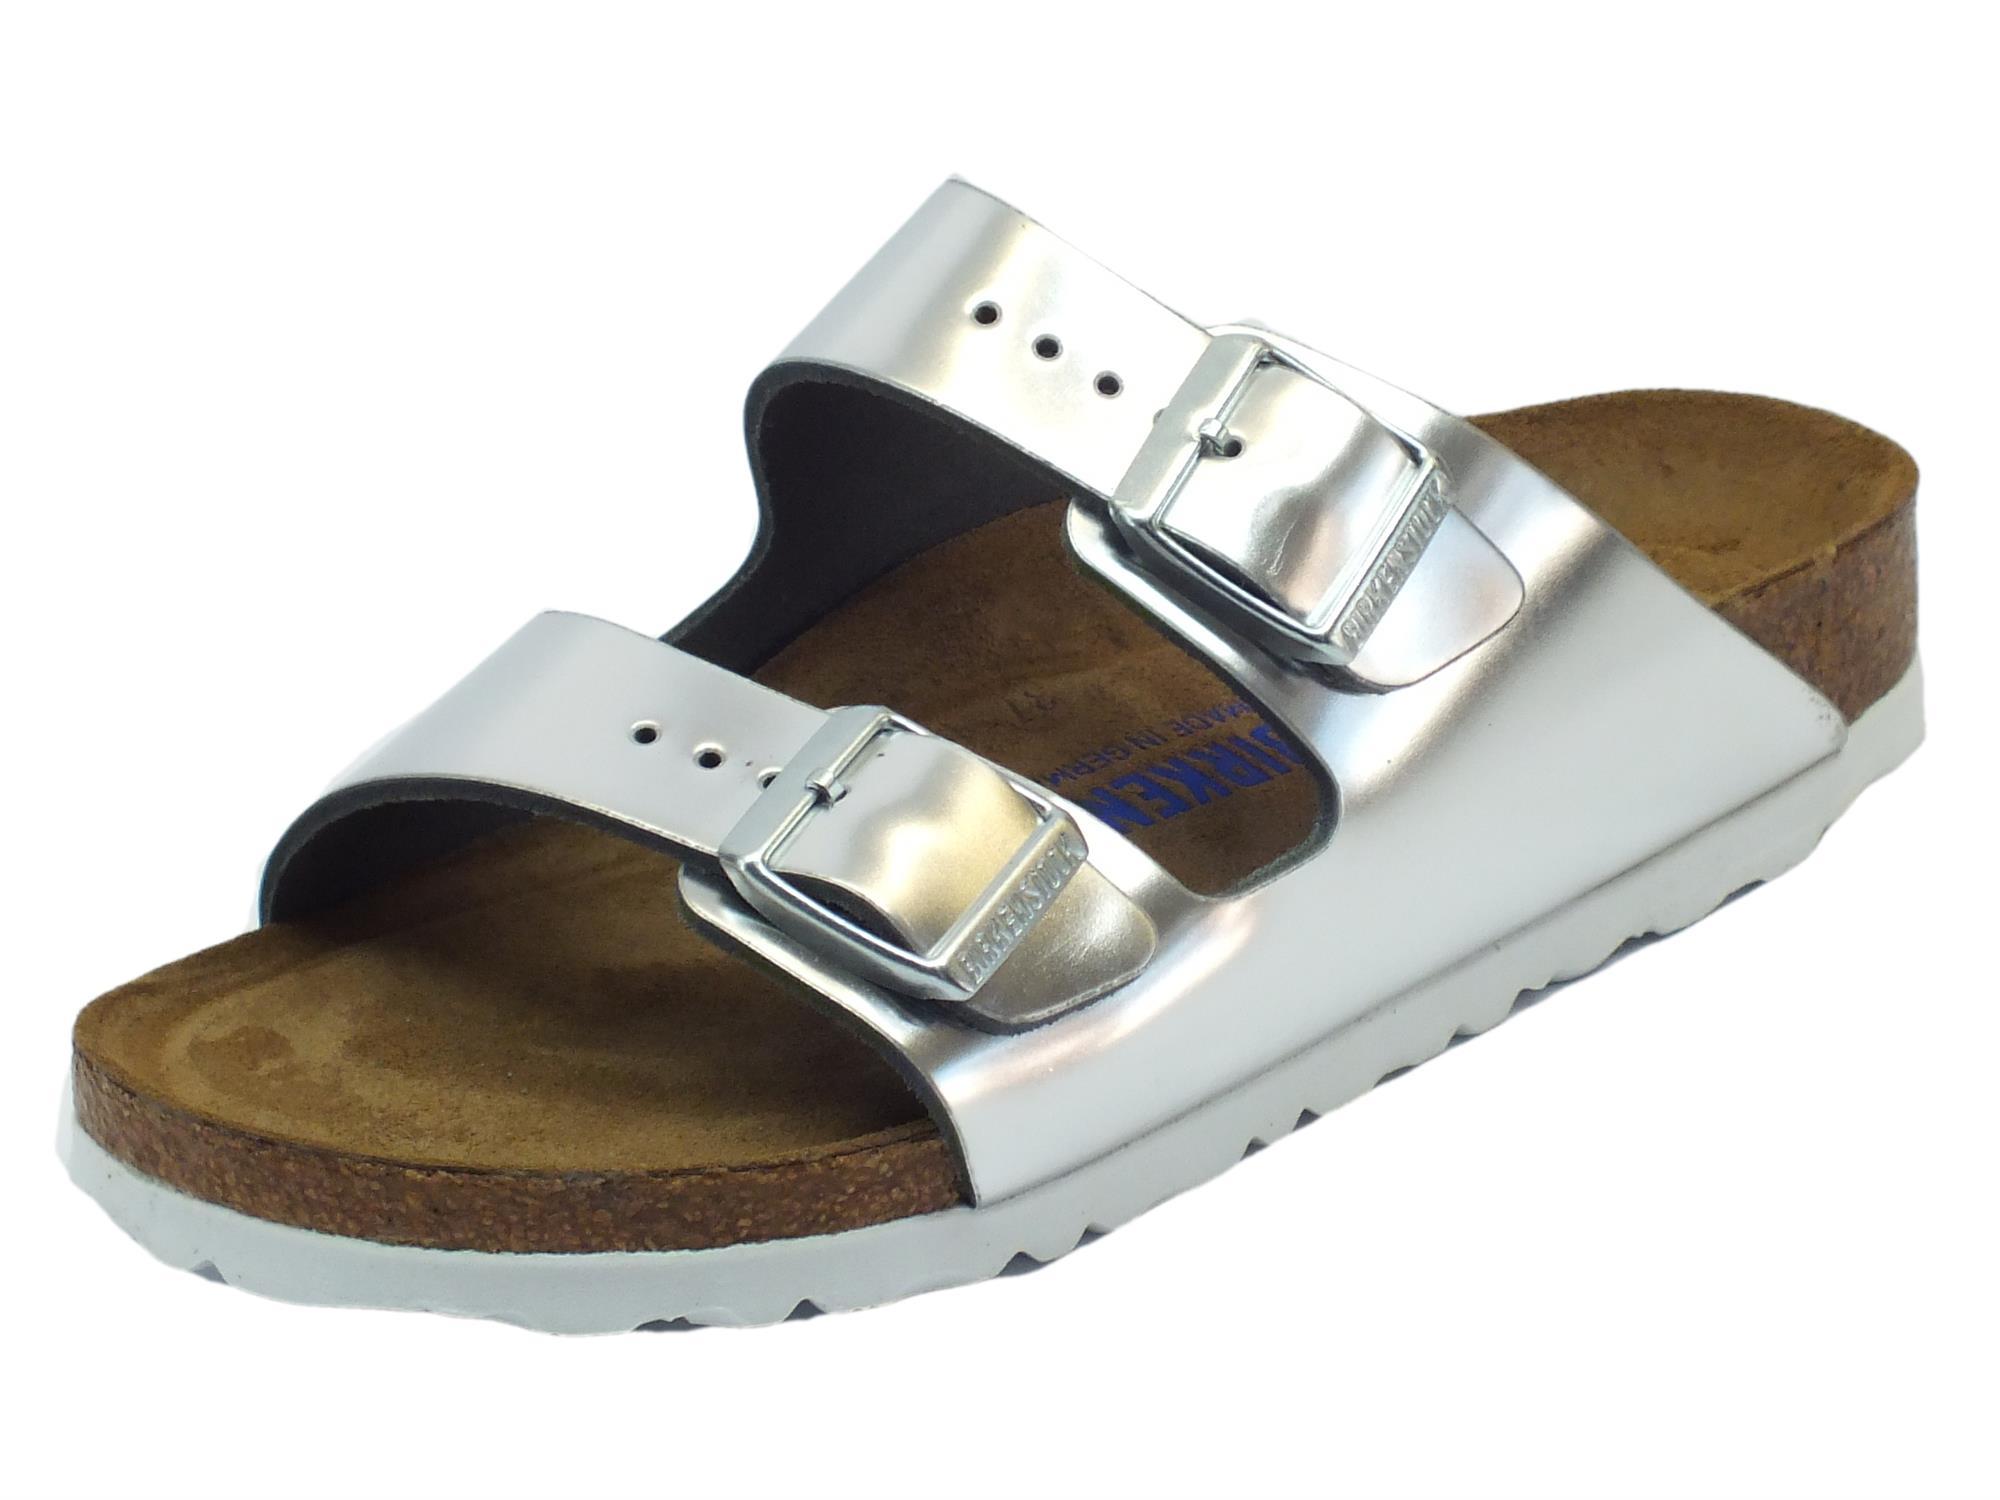 Sandali Birkenstock per donna Arizona BS colore argento